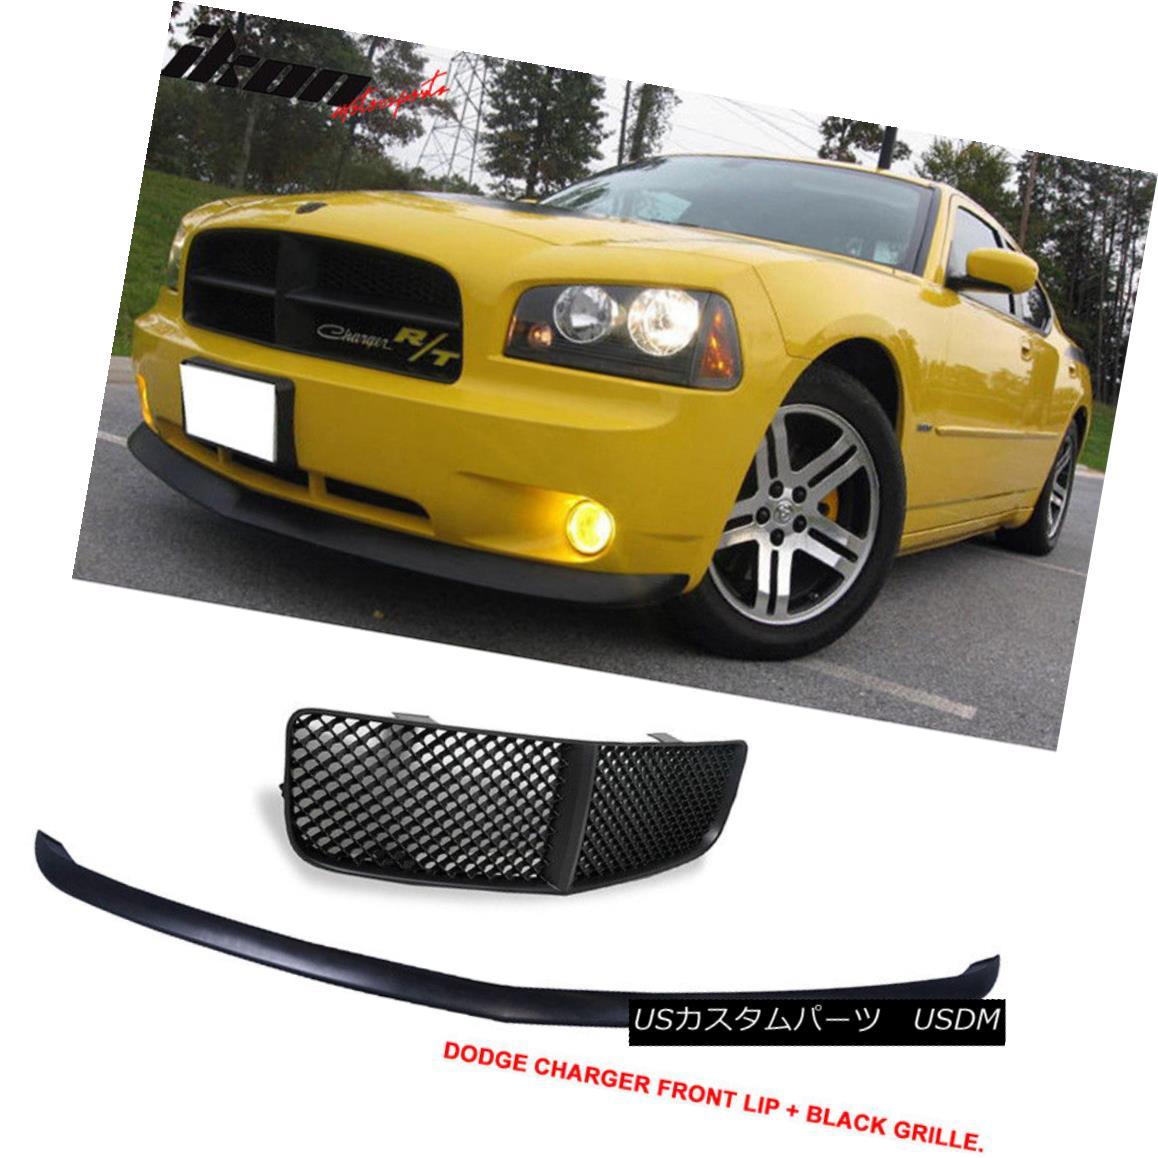 グリル Fits 05-10 Charger OE Datona Type Urethane Front Bumper Lip+Mesh Grill Black フィット05-10充電器OE Datonaタイプウレタンフロントバンパーリップ+メッシュグリルブラック